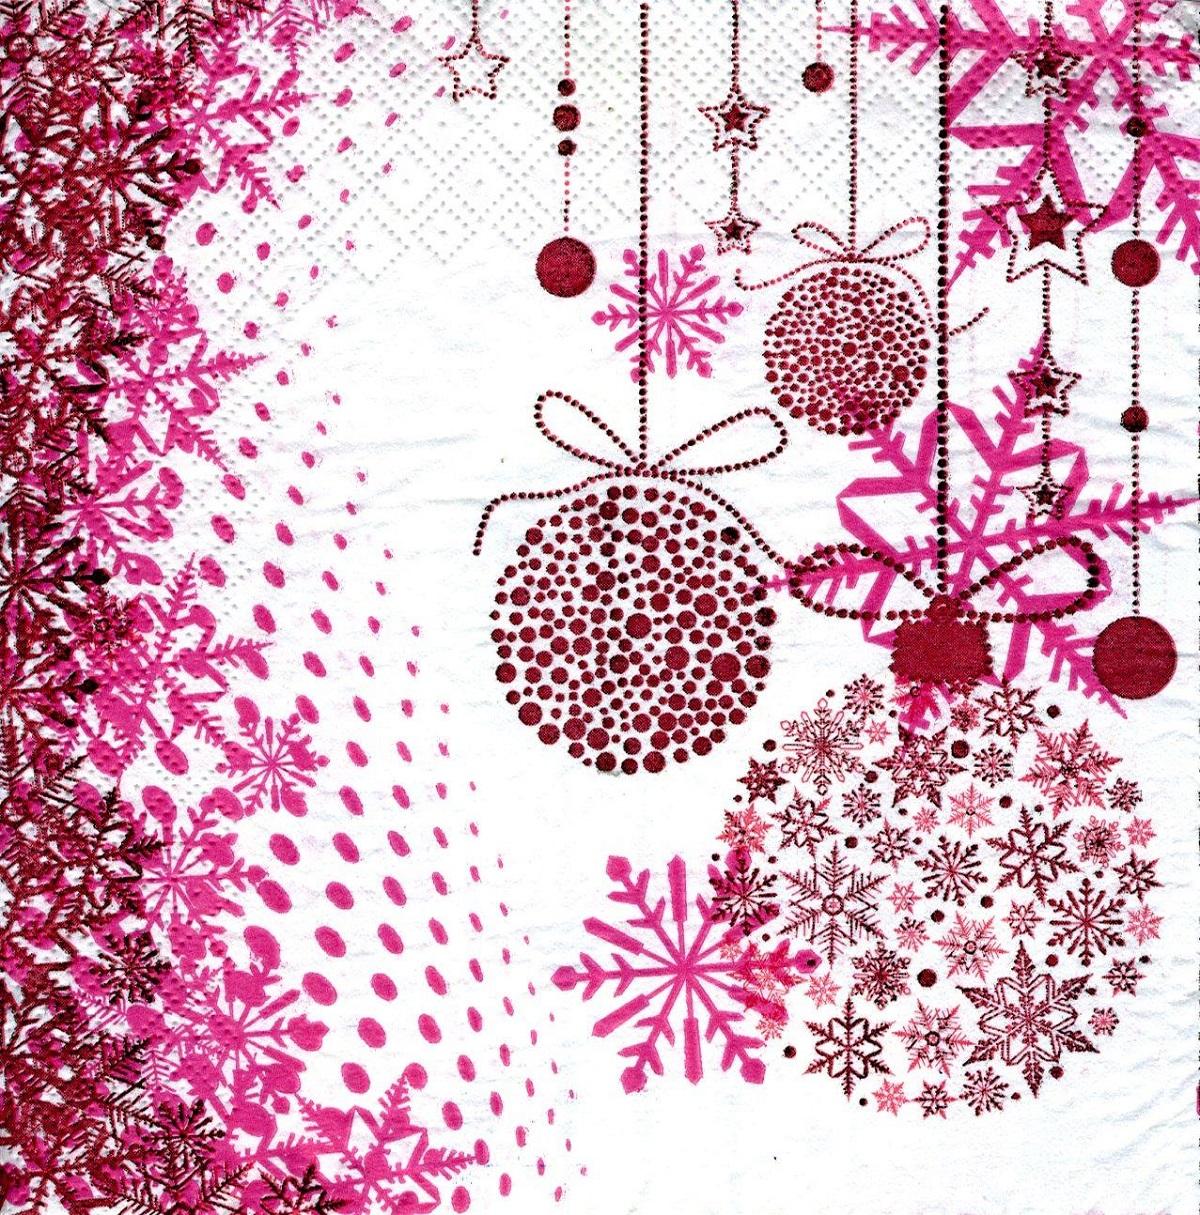 Салфетки бумажные Gratias Новогодние шары, трехслойные, 33 х 33 см, 20 шт90564Трехслойные бумажные салфетки Gratias Новогодние шары, выполненные из натуральной целлюлозы, станут отличным дополнением любого праздничного стола. Они отличаются необычной мягкостью и прочностью. Размер листа: 33 х 33 см. Количество слоев: 3.